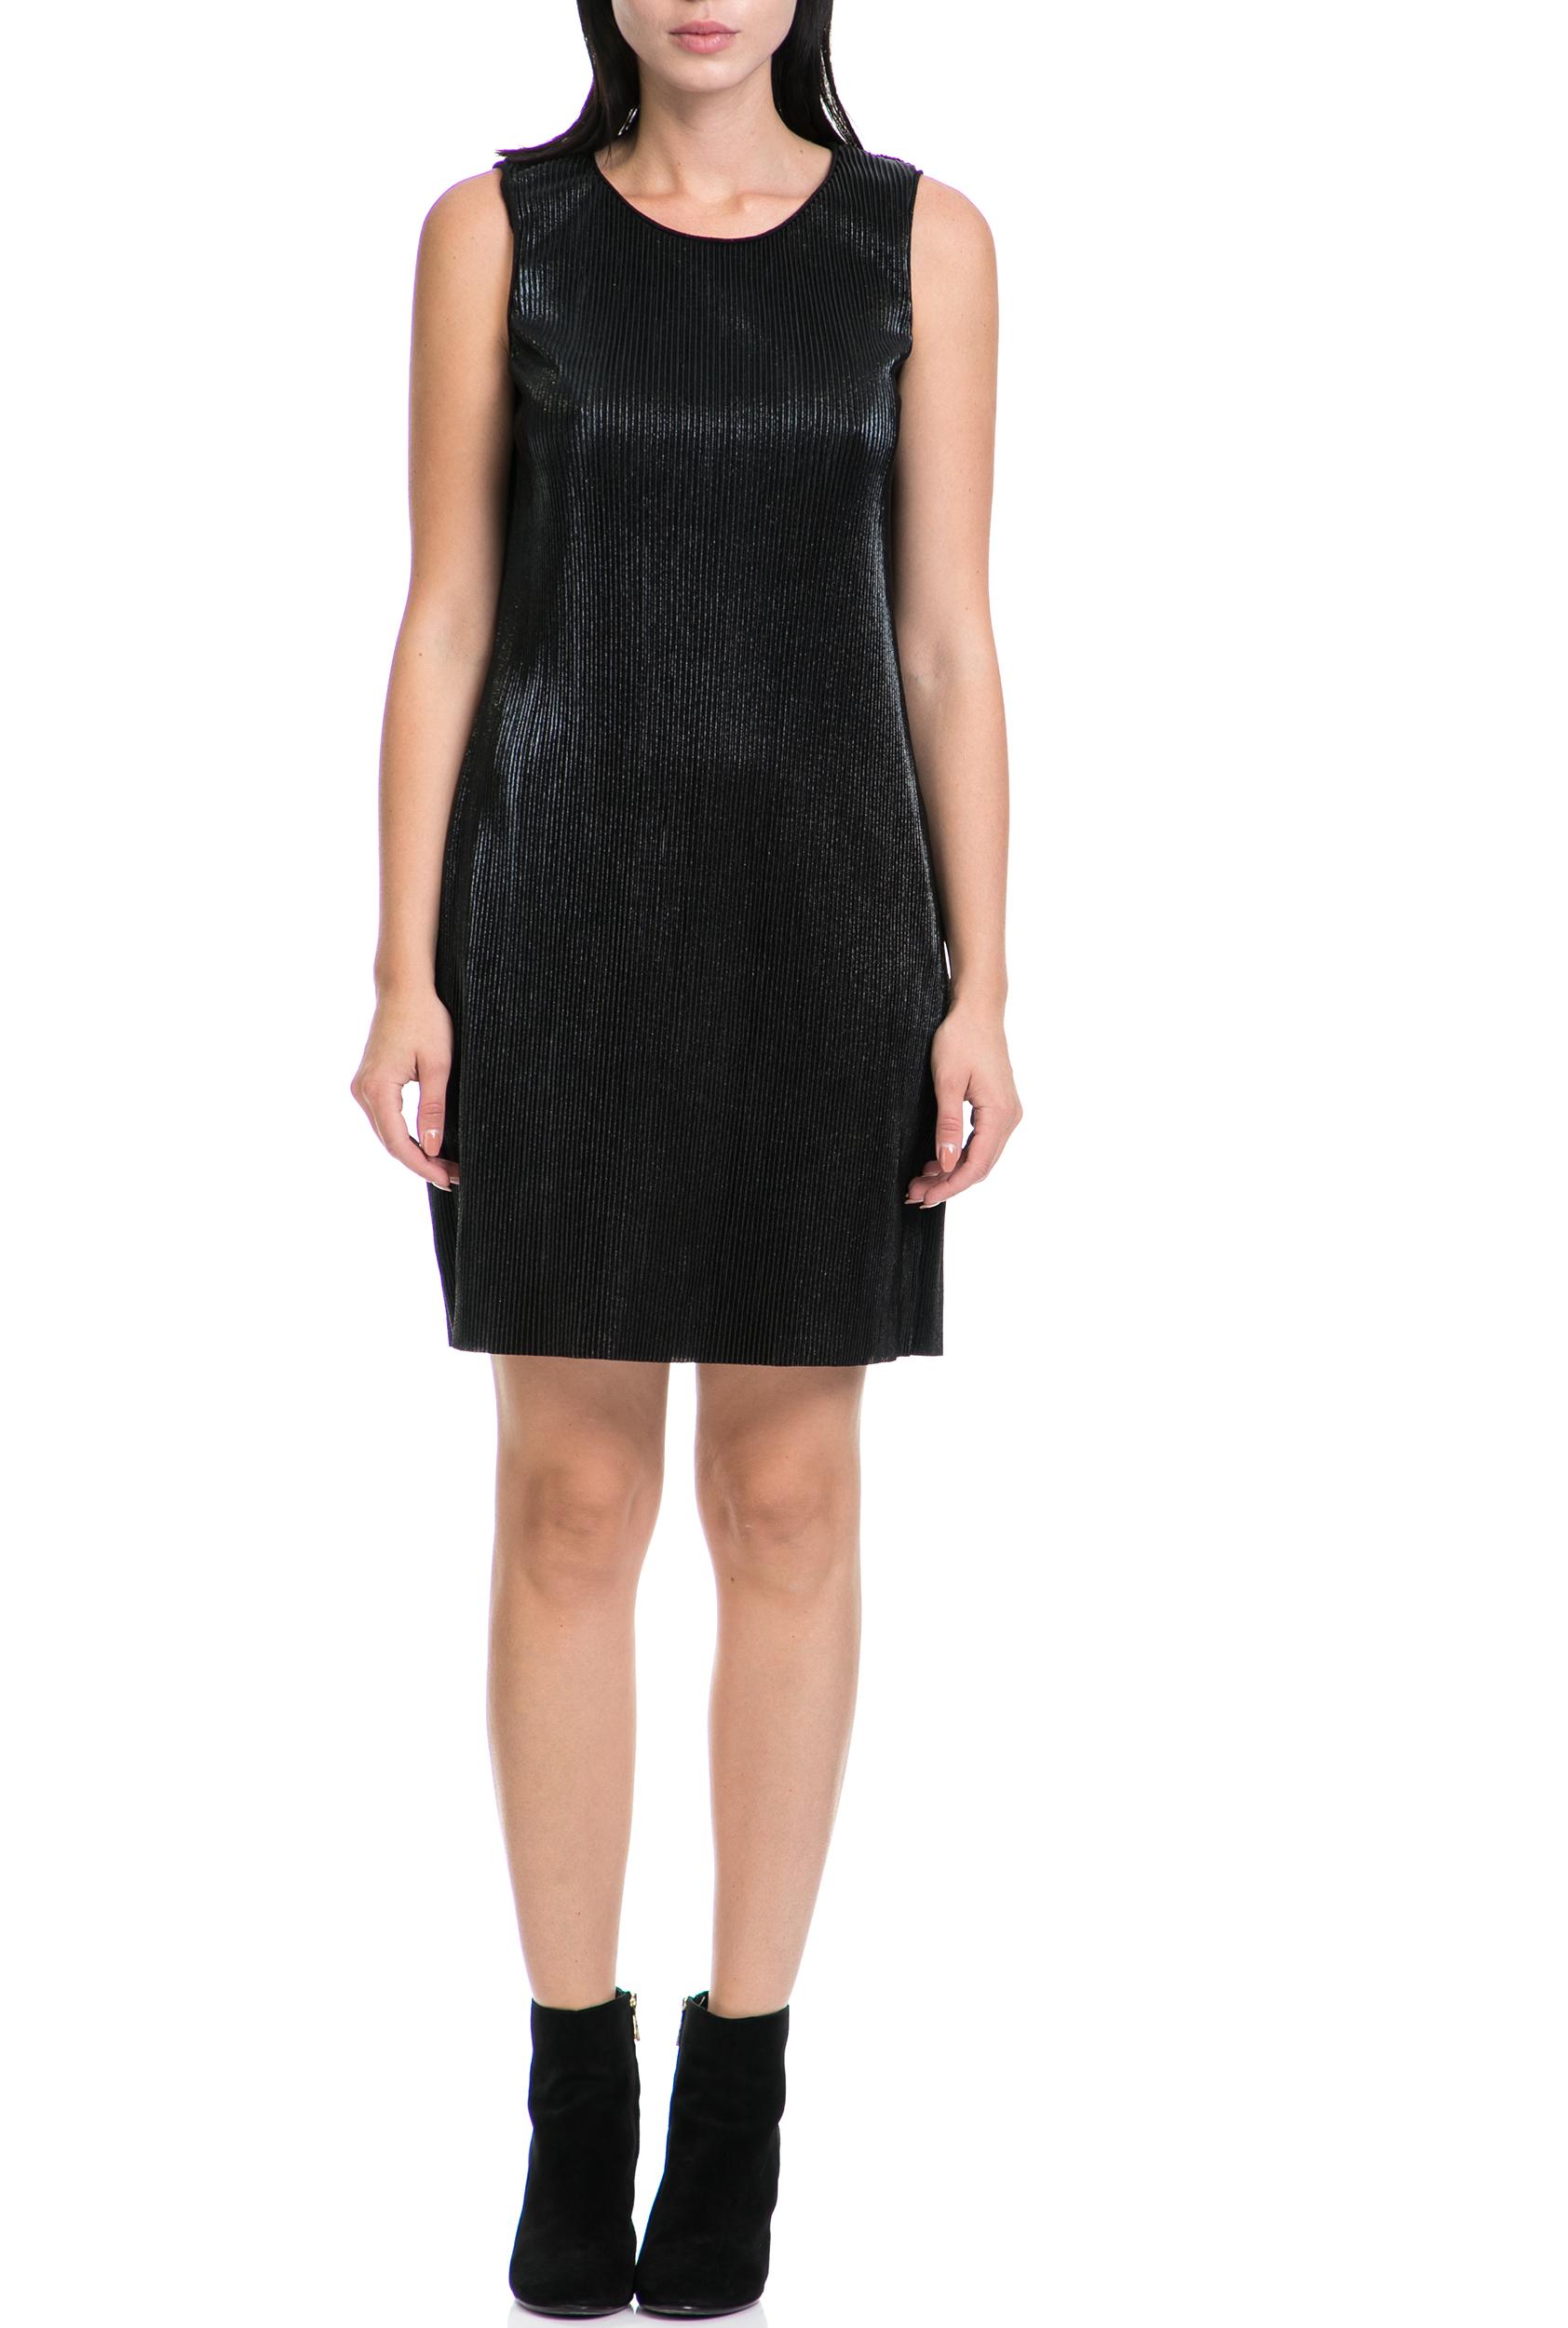 GAS - Γυναικείο φόρεμα LIBER GAS μαύρο γυναικεία ρούχα φορέματα μίνι